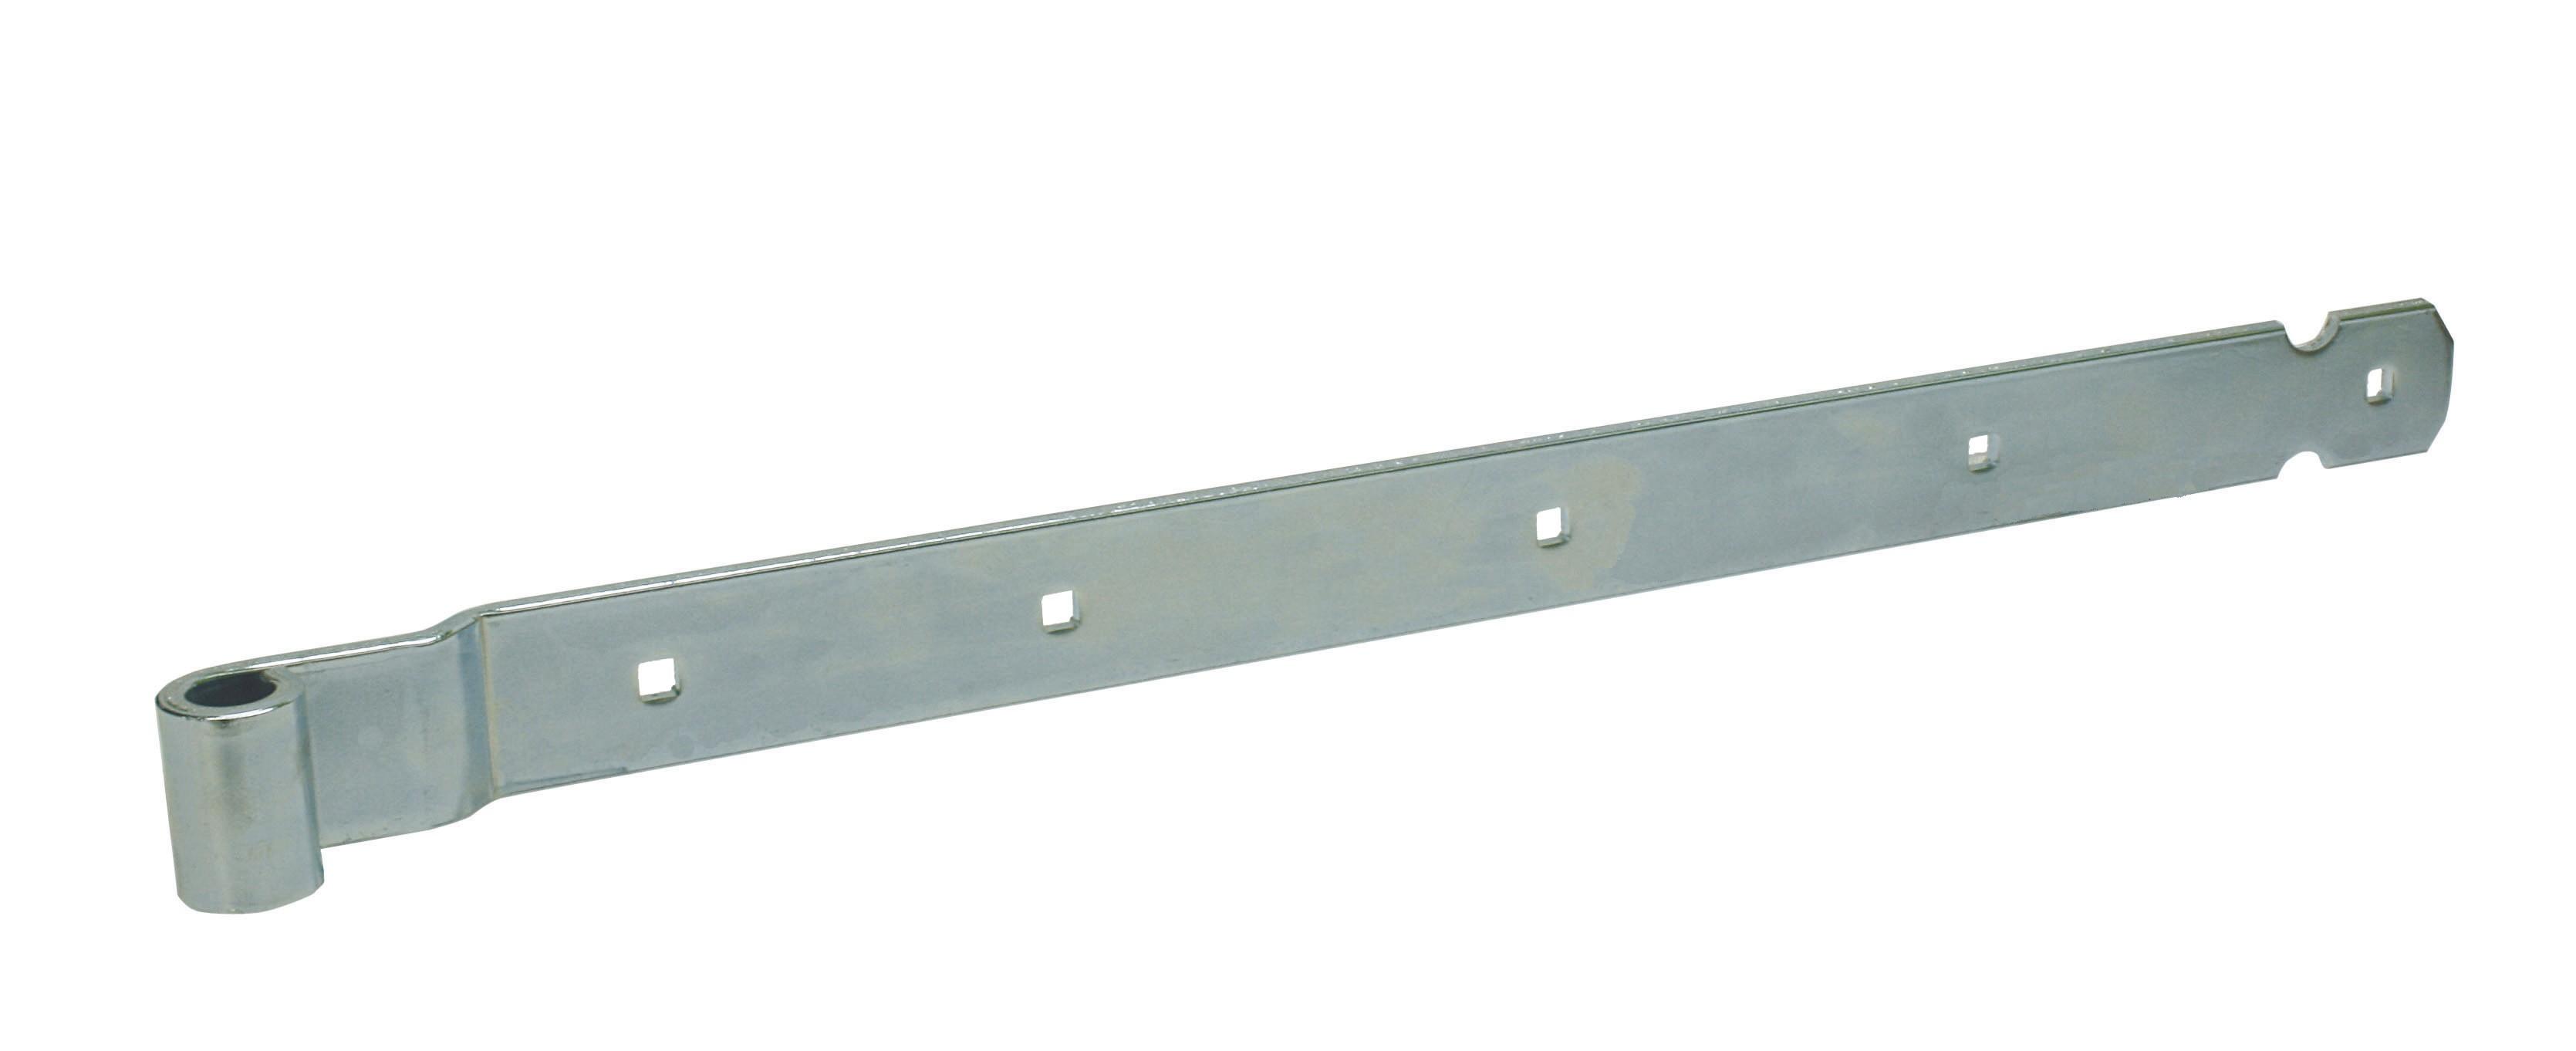 Heng voor vlakwerk voor pen Ø16 vierkante gaten 600 45x6 EV